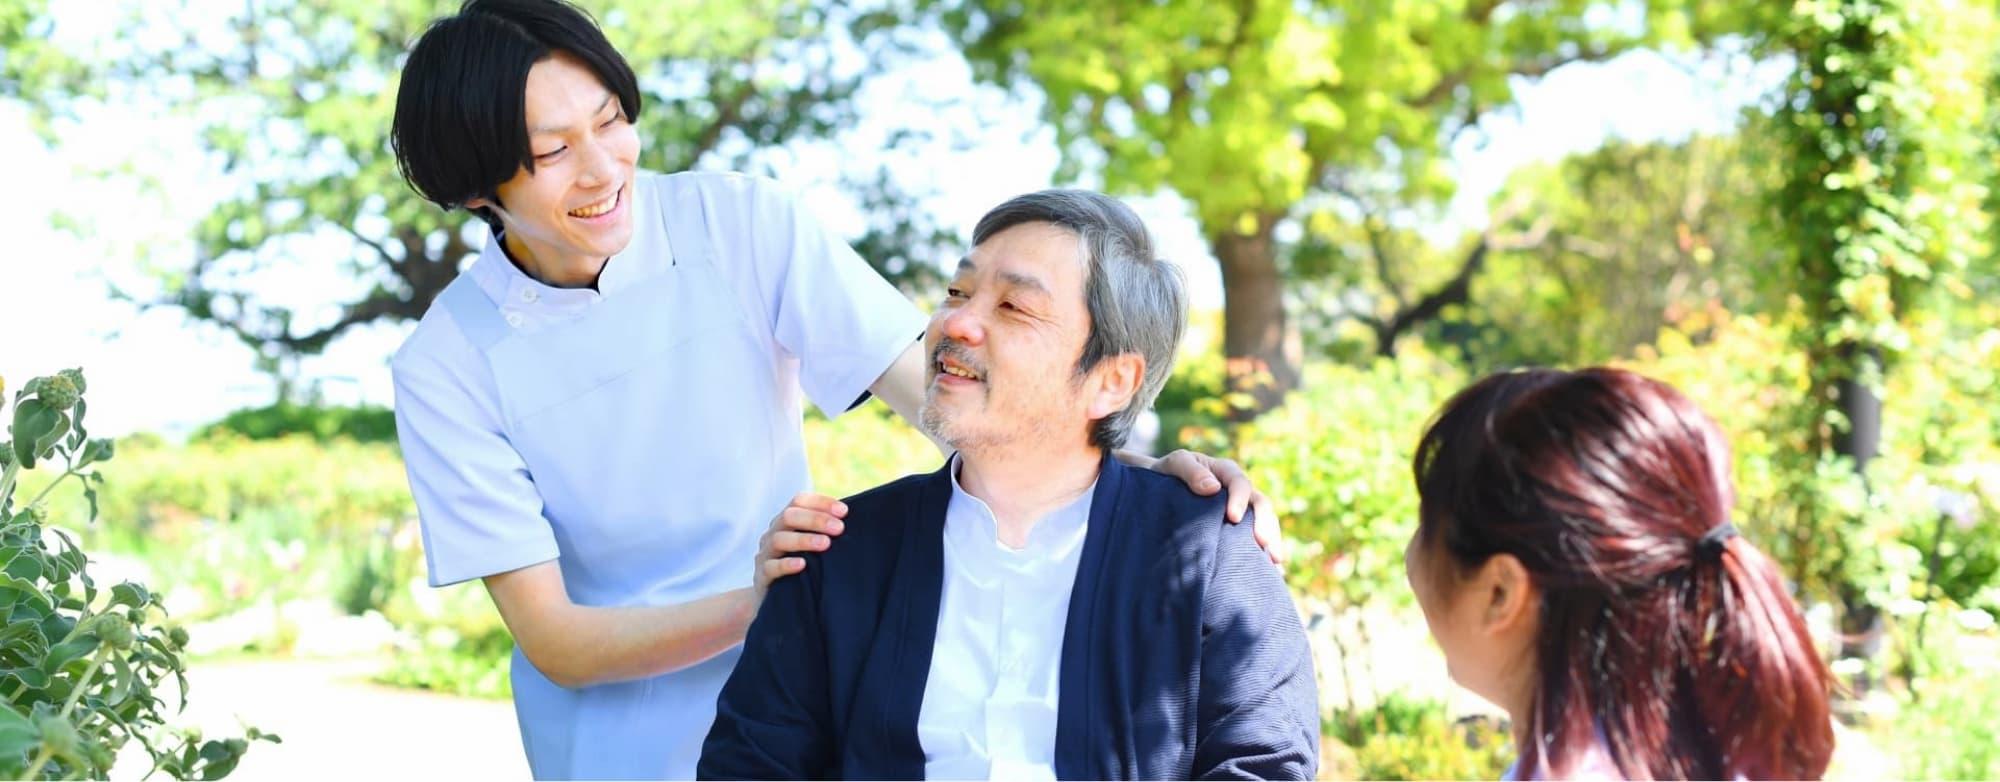 スタッフと高齢者が笑顔で会話している写真